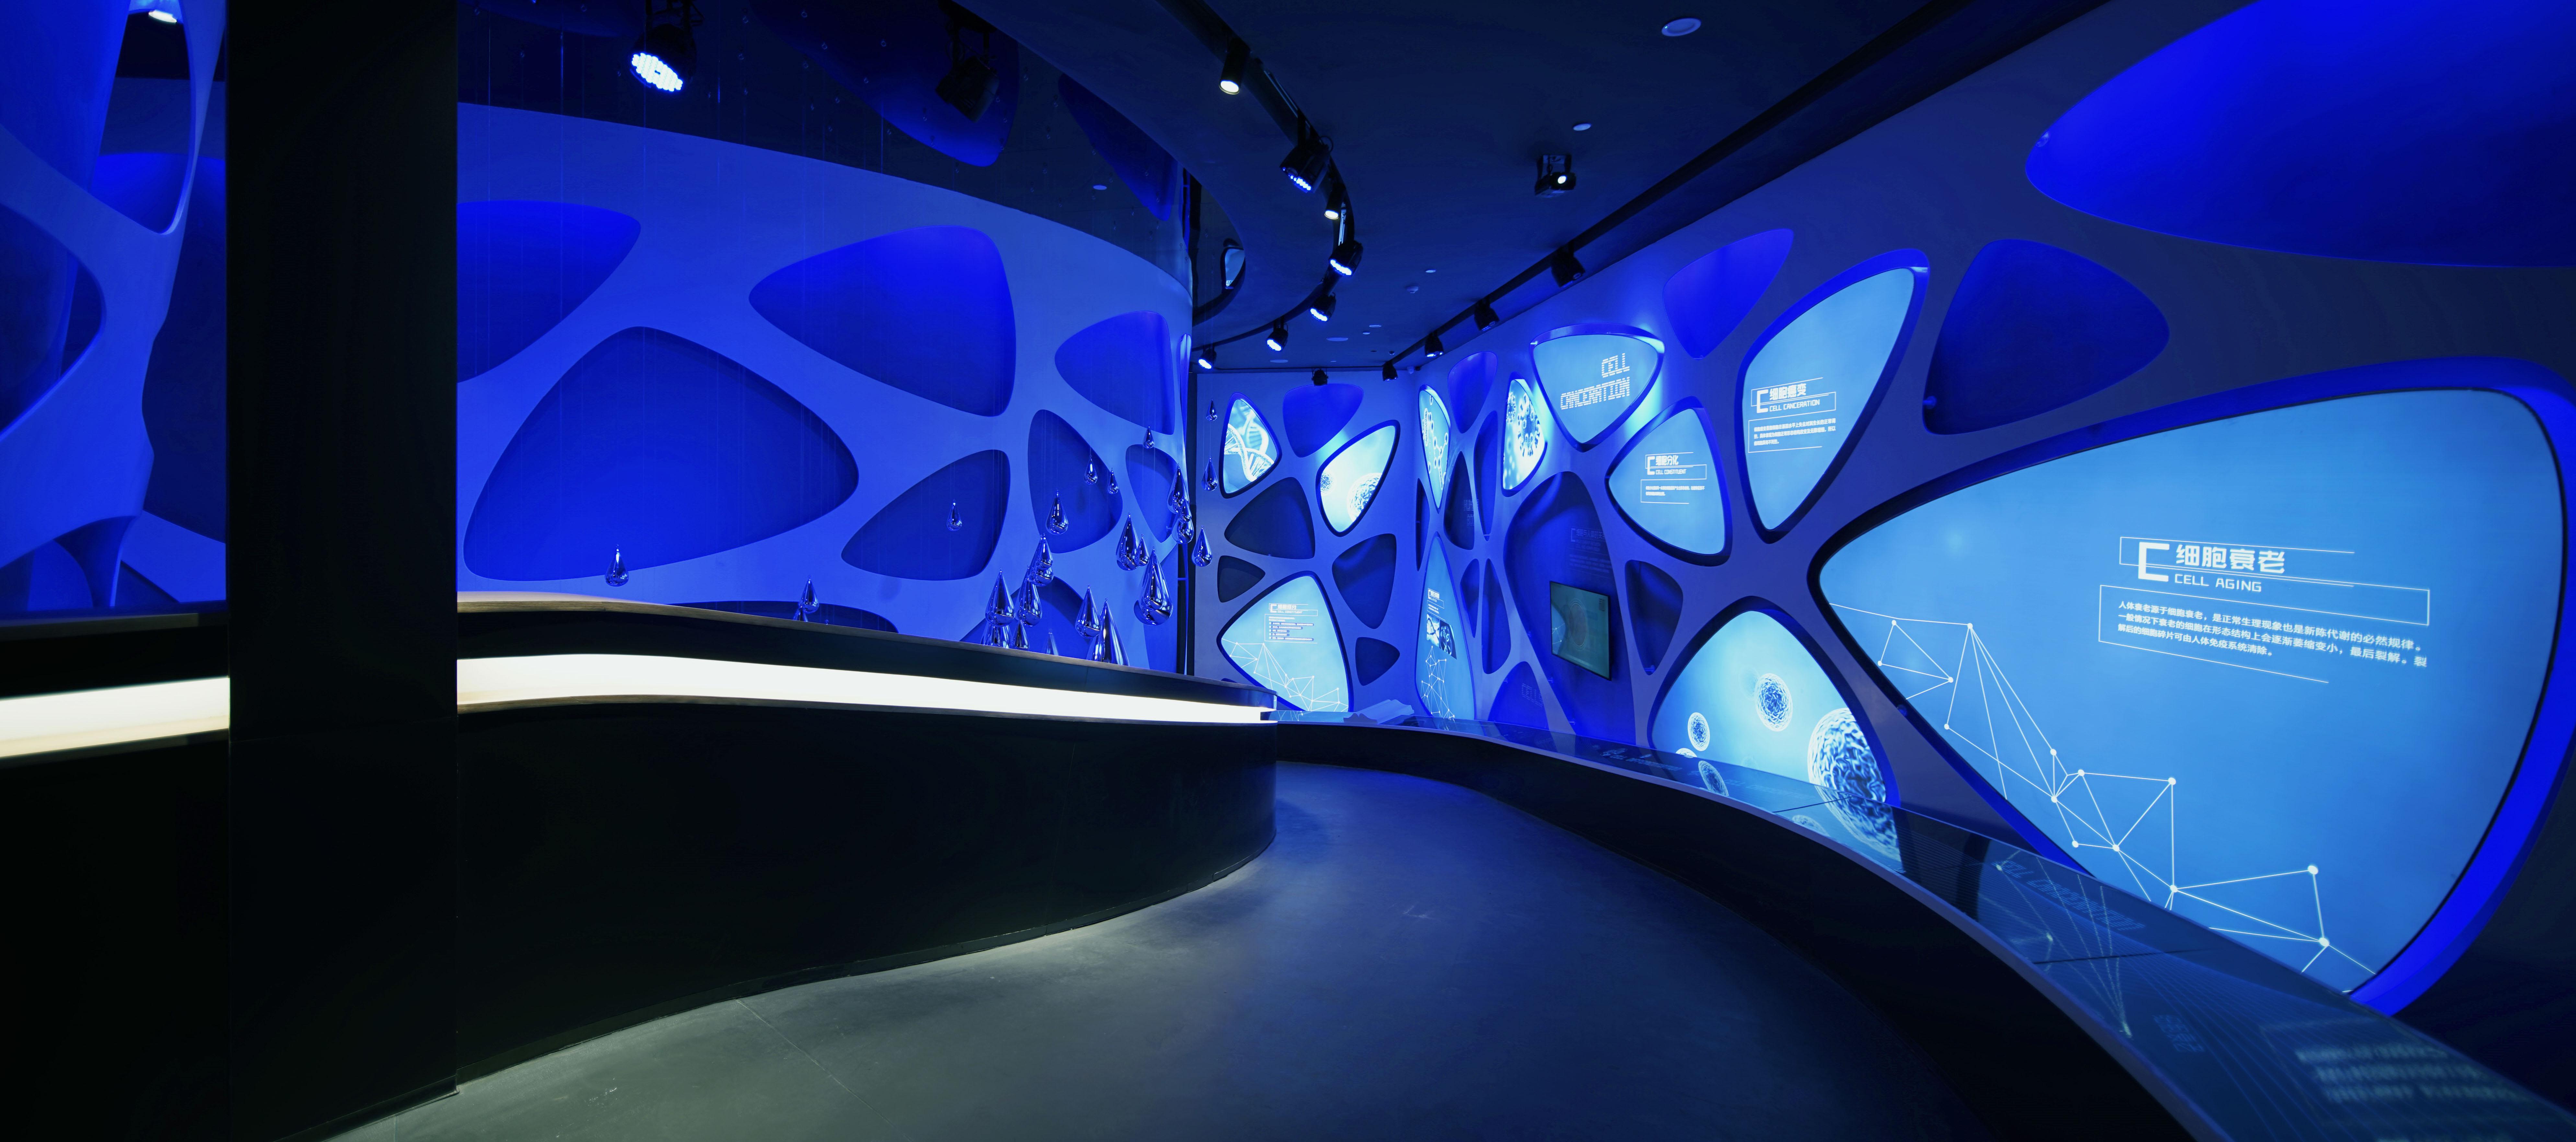 多媒体数字展厅设计该注意哪些?